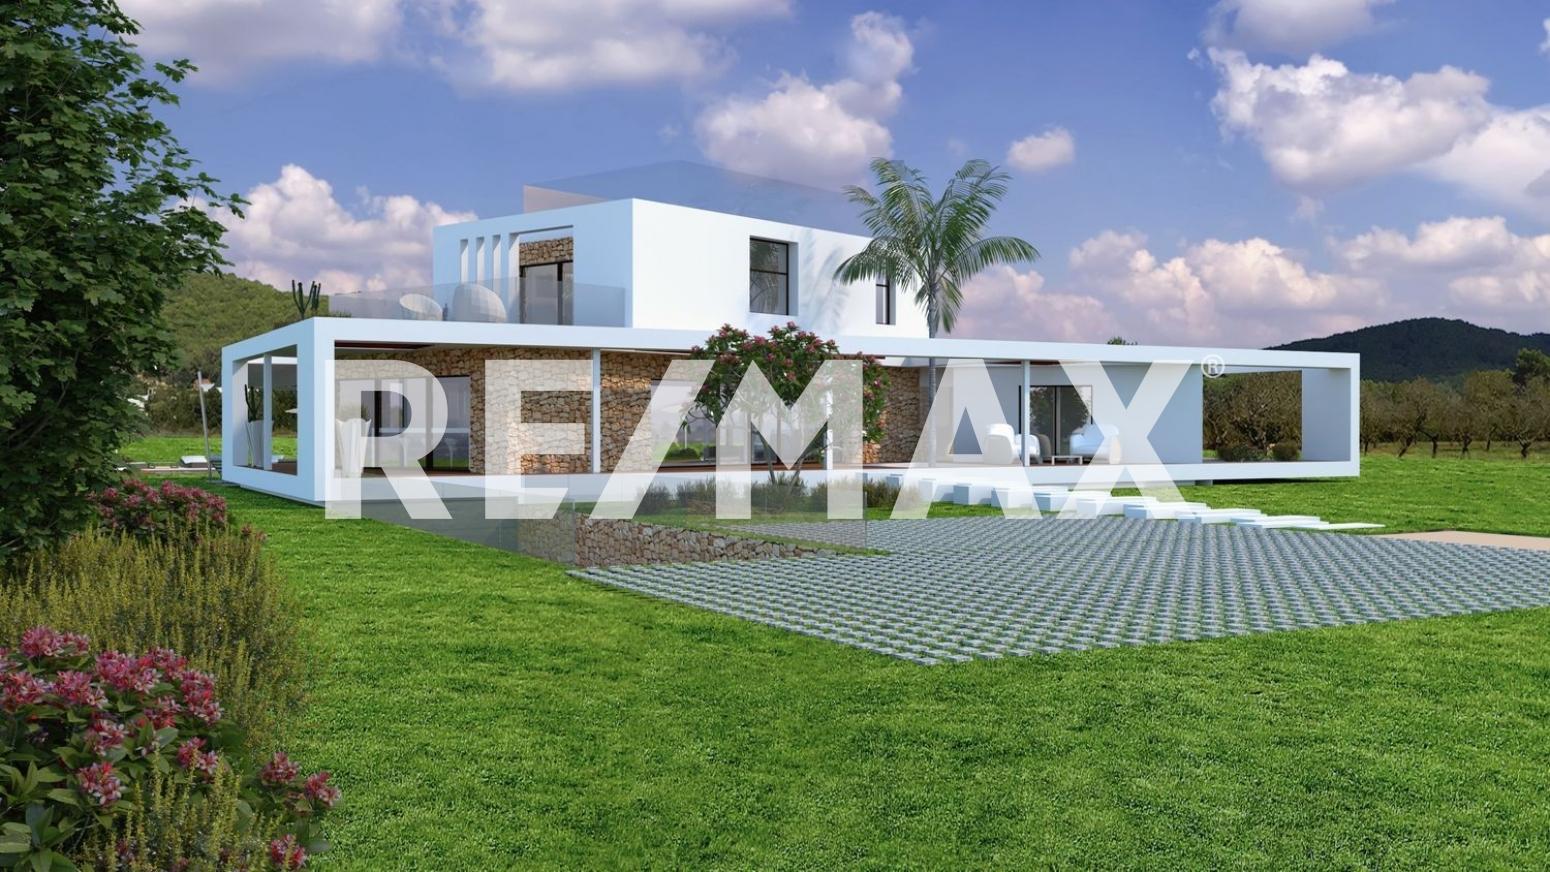 Solar urbà en Sant Antoni de Portmany. Terreno con proyecto para construir una estupenda villa en san r